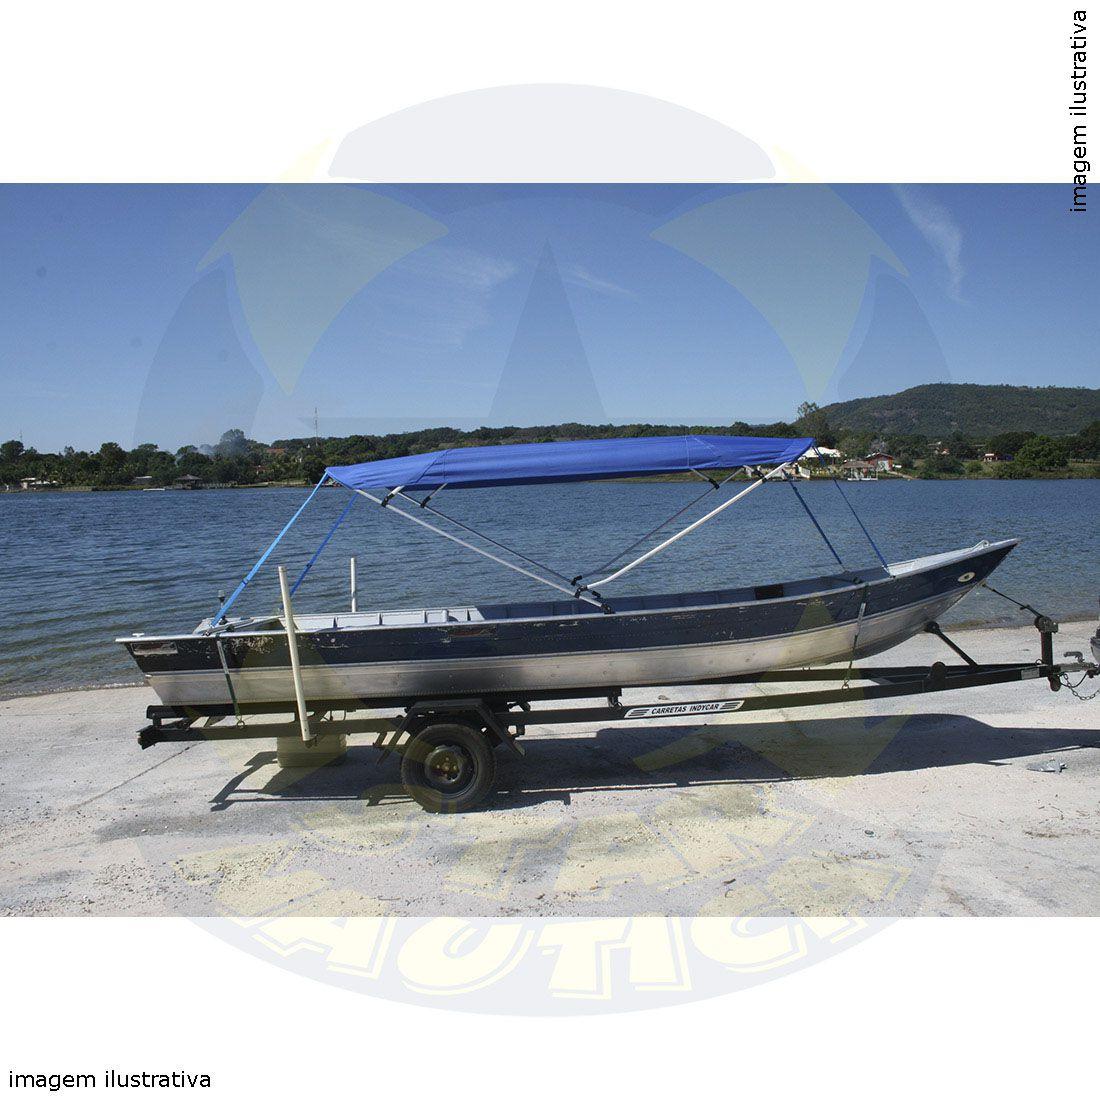 Capota Toldo Barco Savage 5013 Poliéster 4 Arcos Tubo 1 1/4